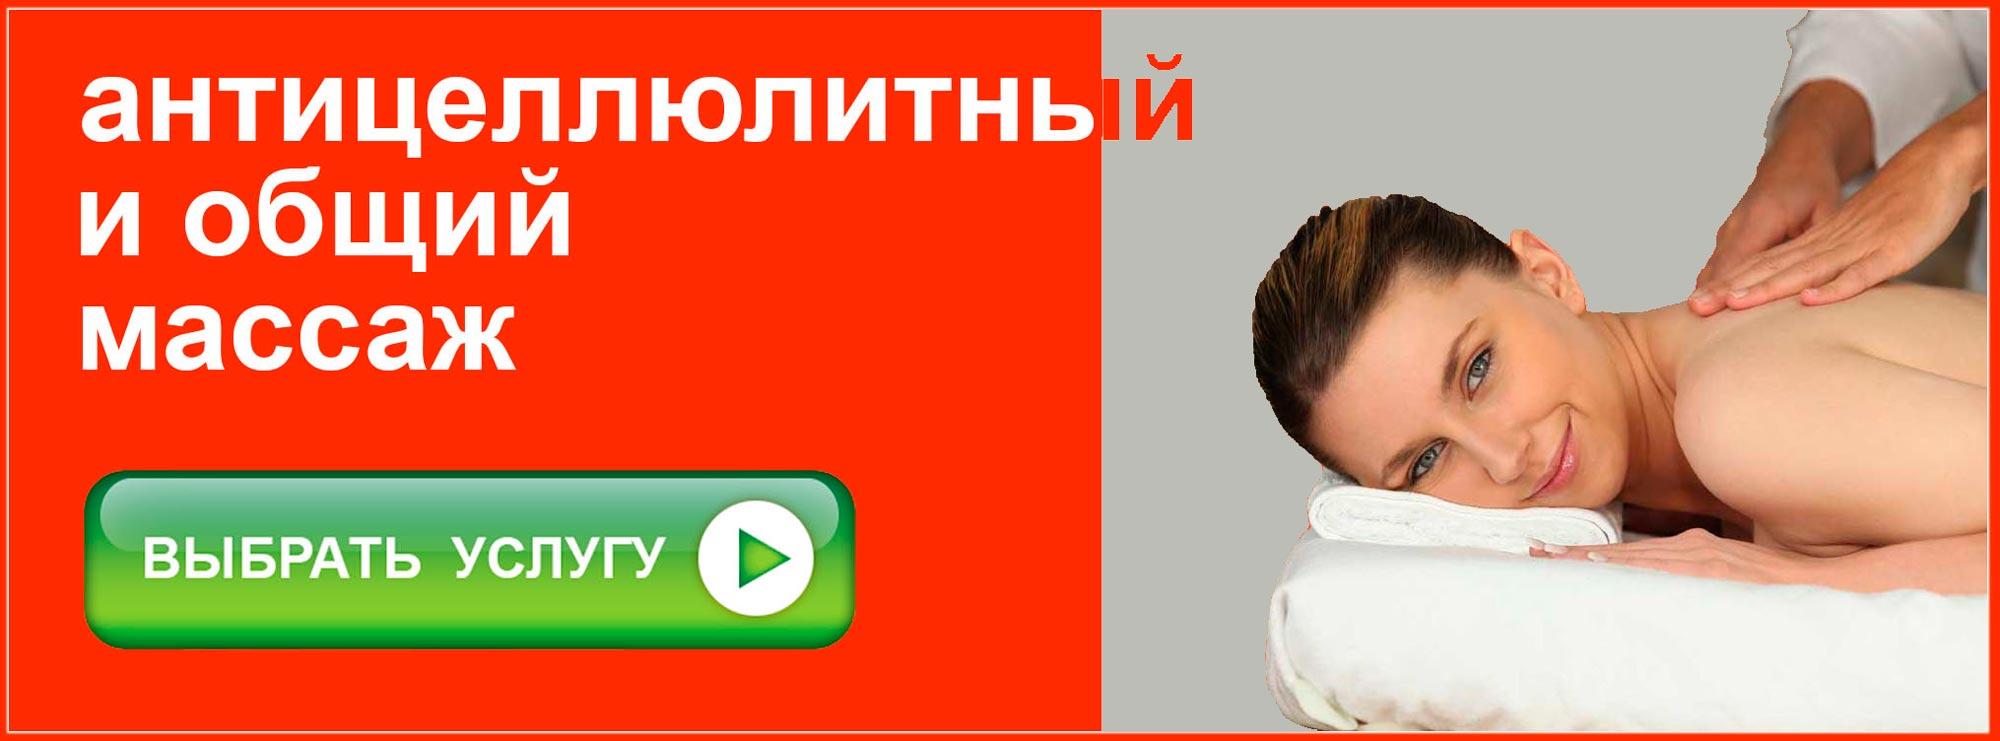 Массаж в СПб, Приморский район